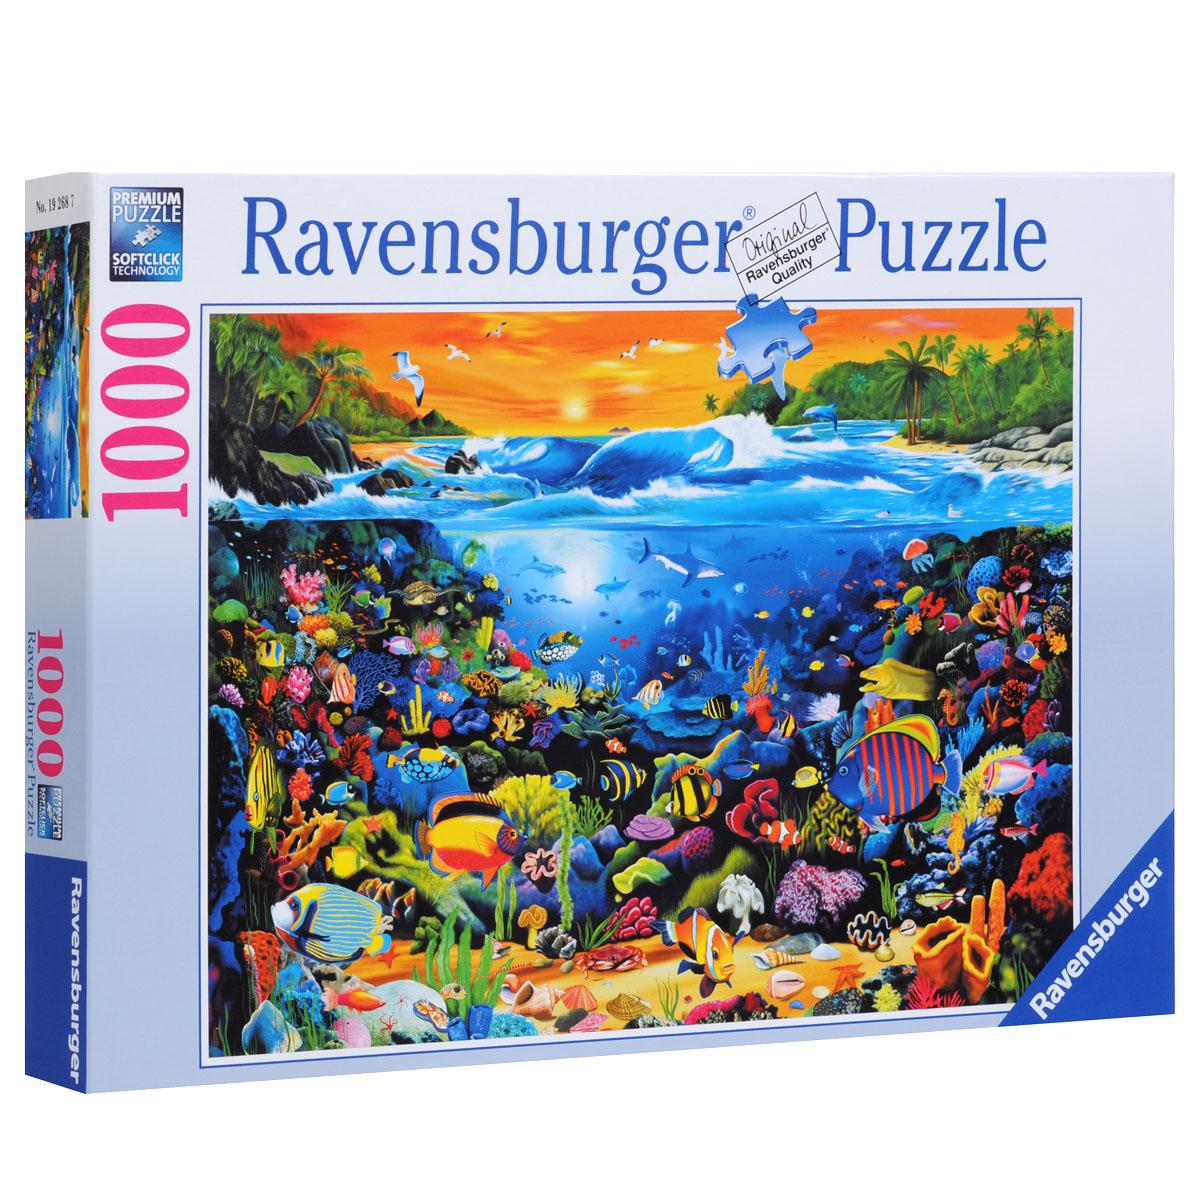 Ravensburger Подводный мир. Пазл, 1000 элементов